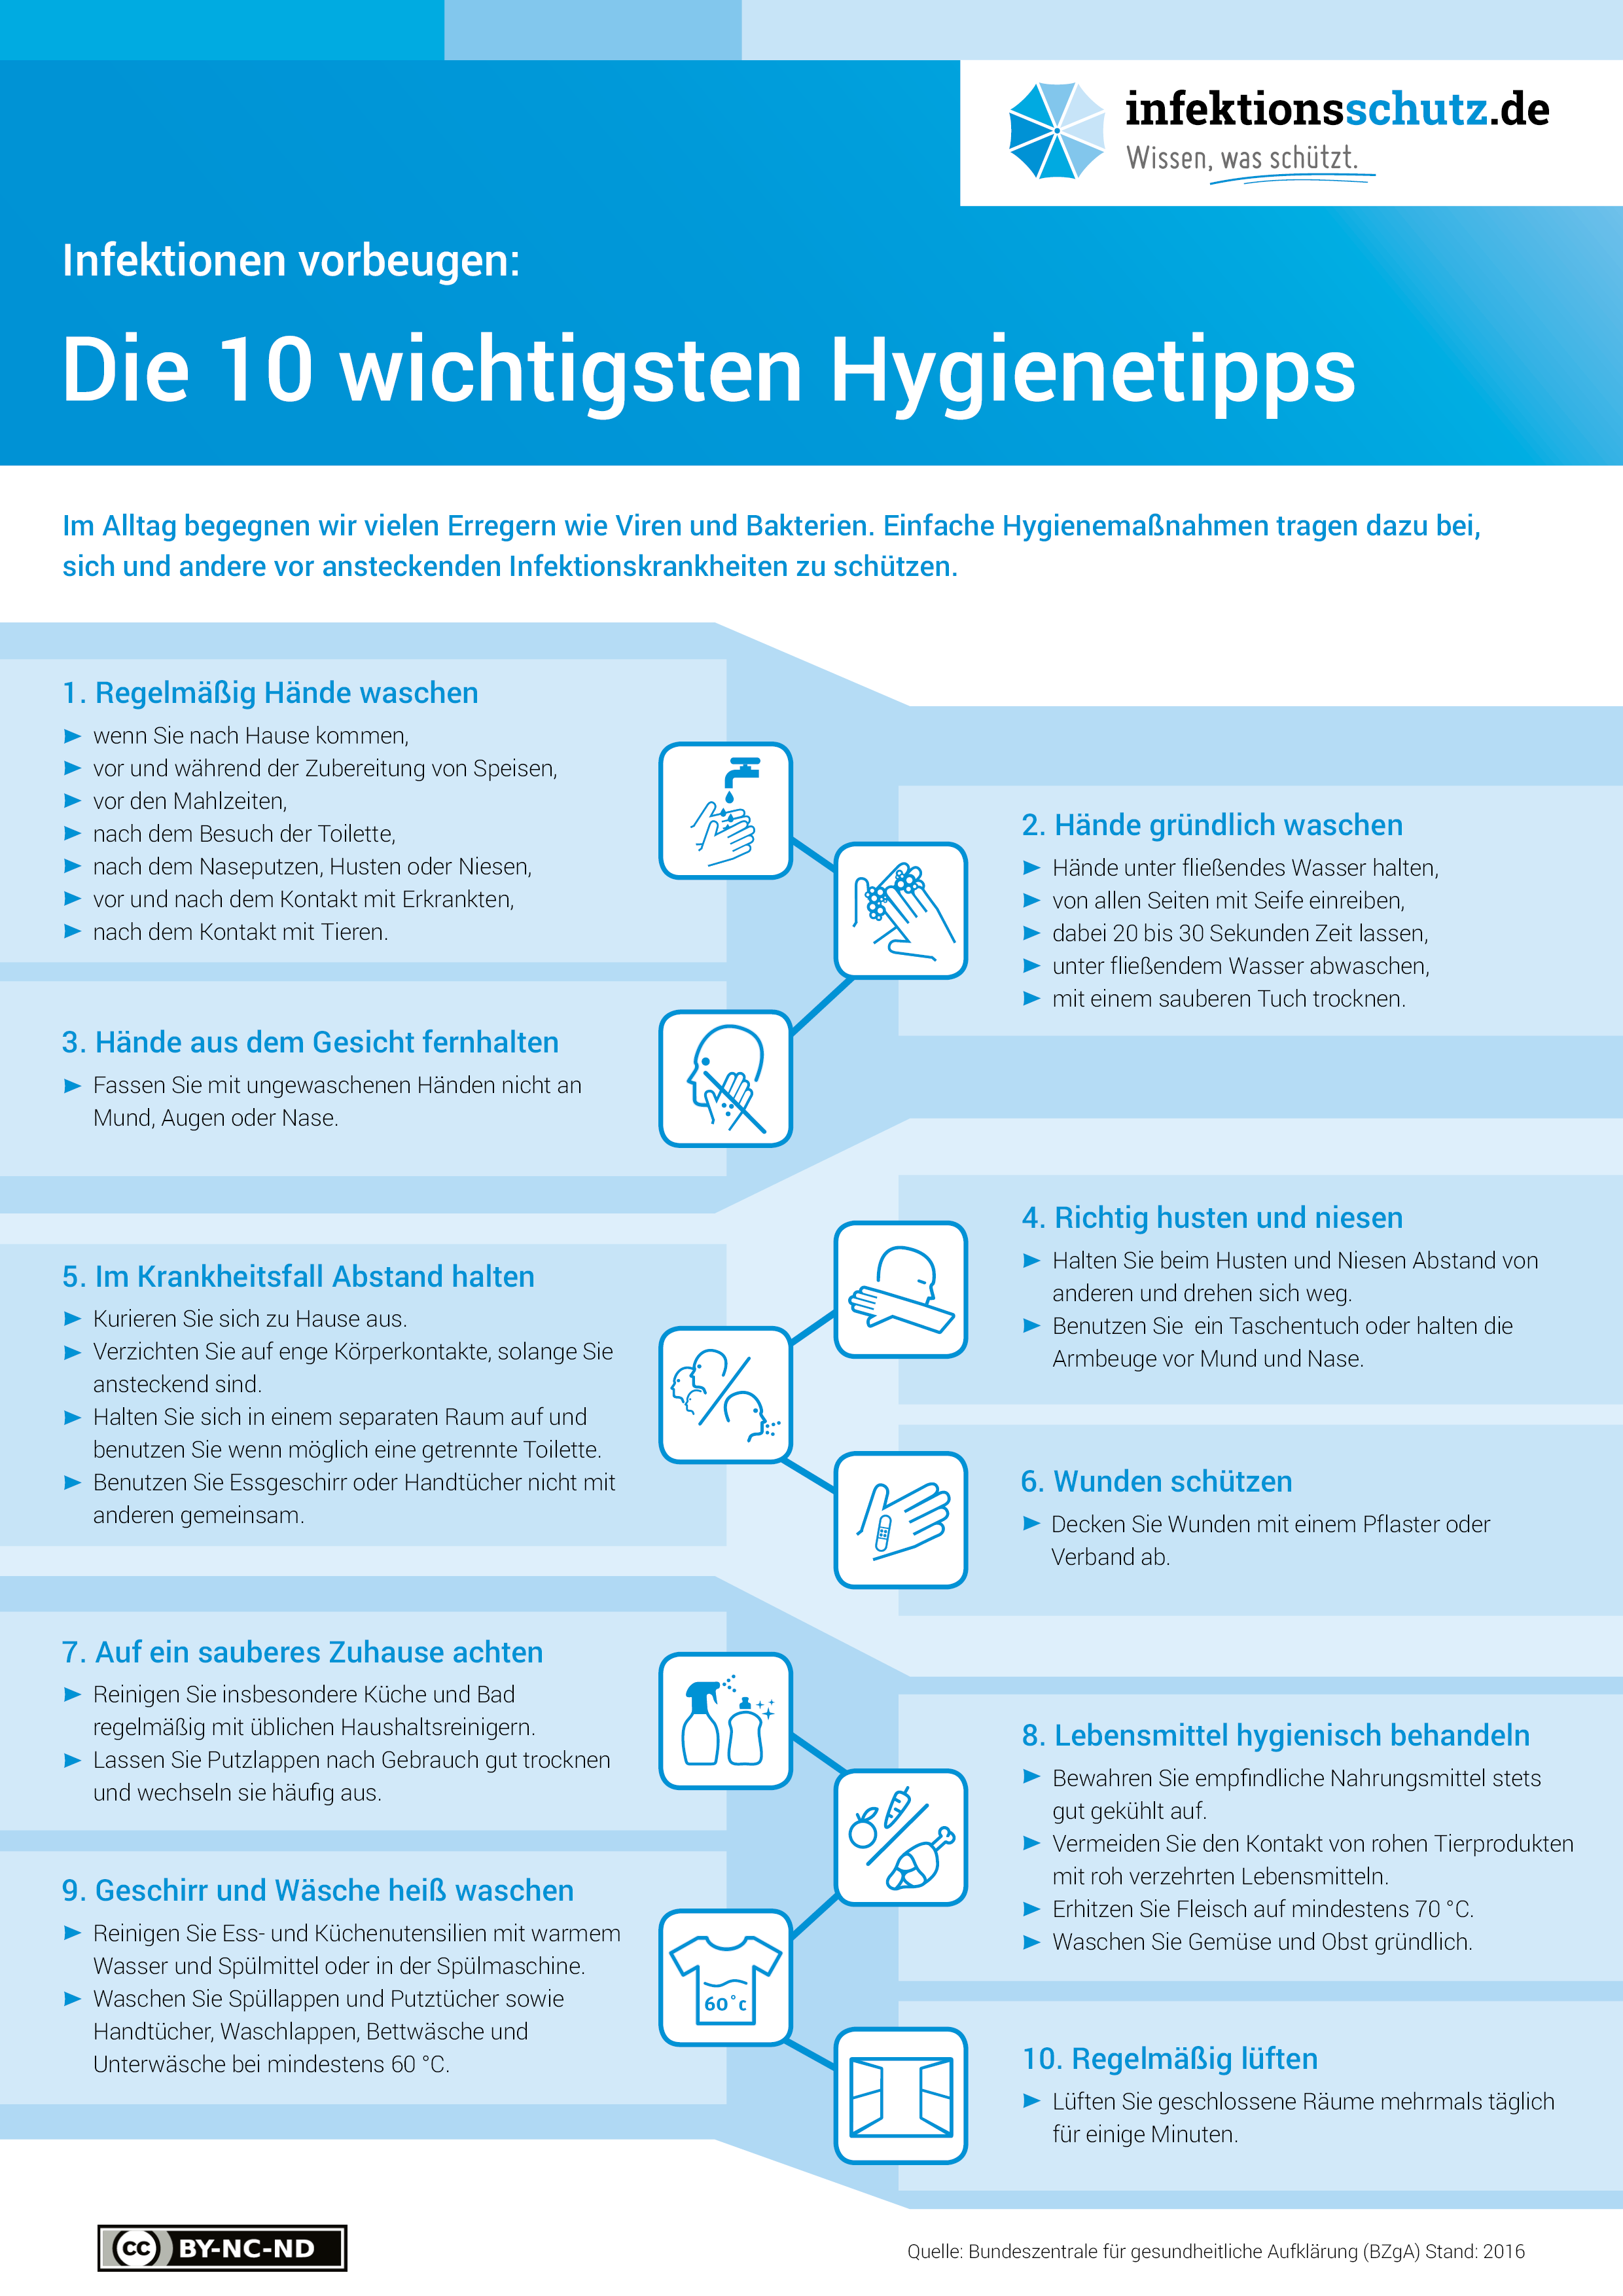 A4_Plakat_10_Hygienetipps_DE_300dpi.png